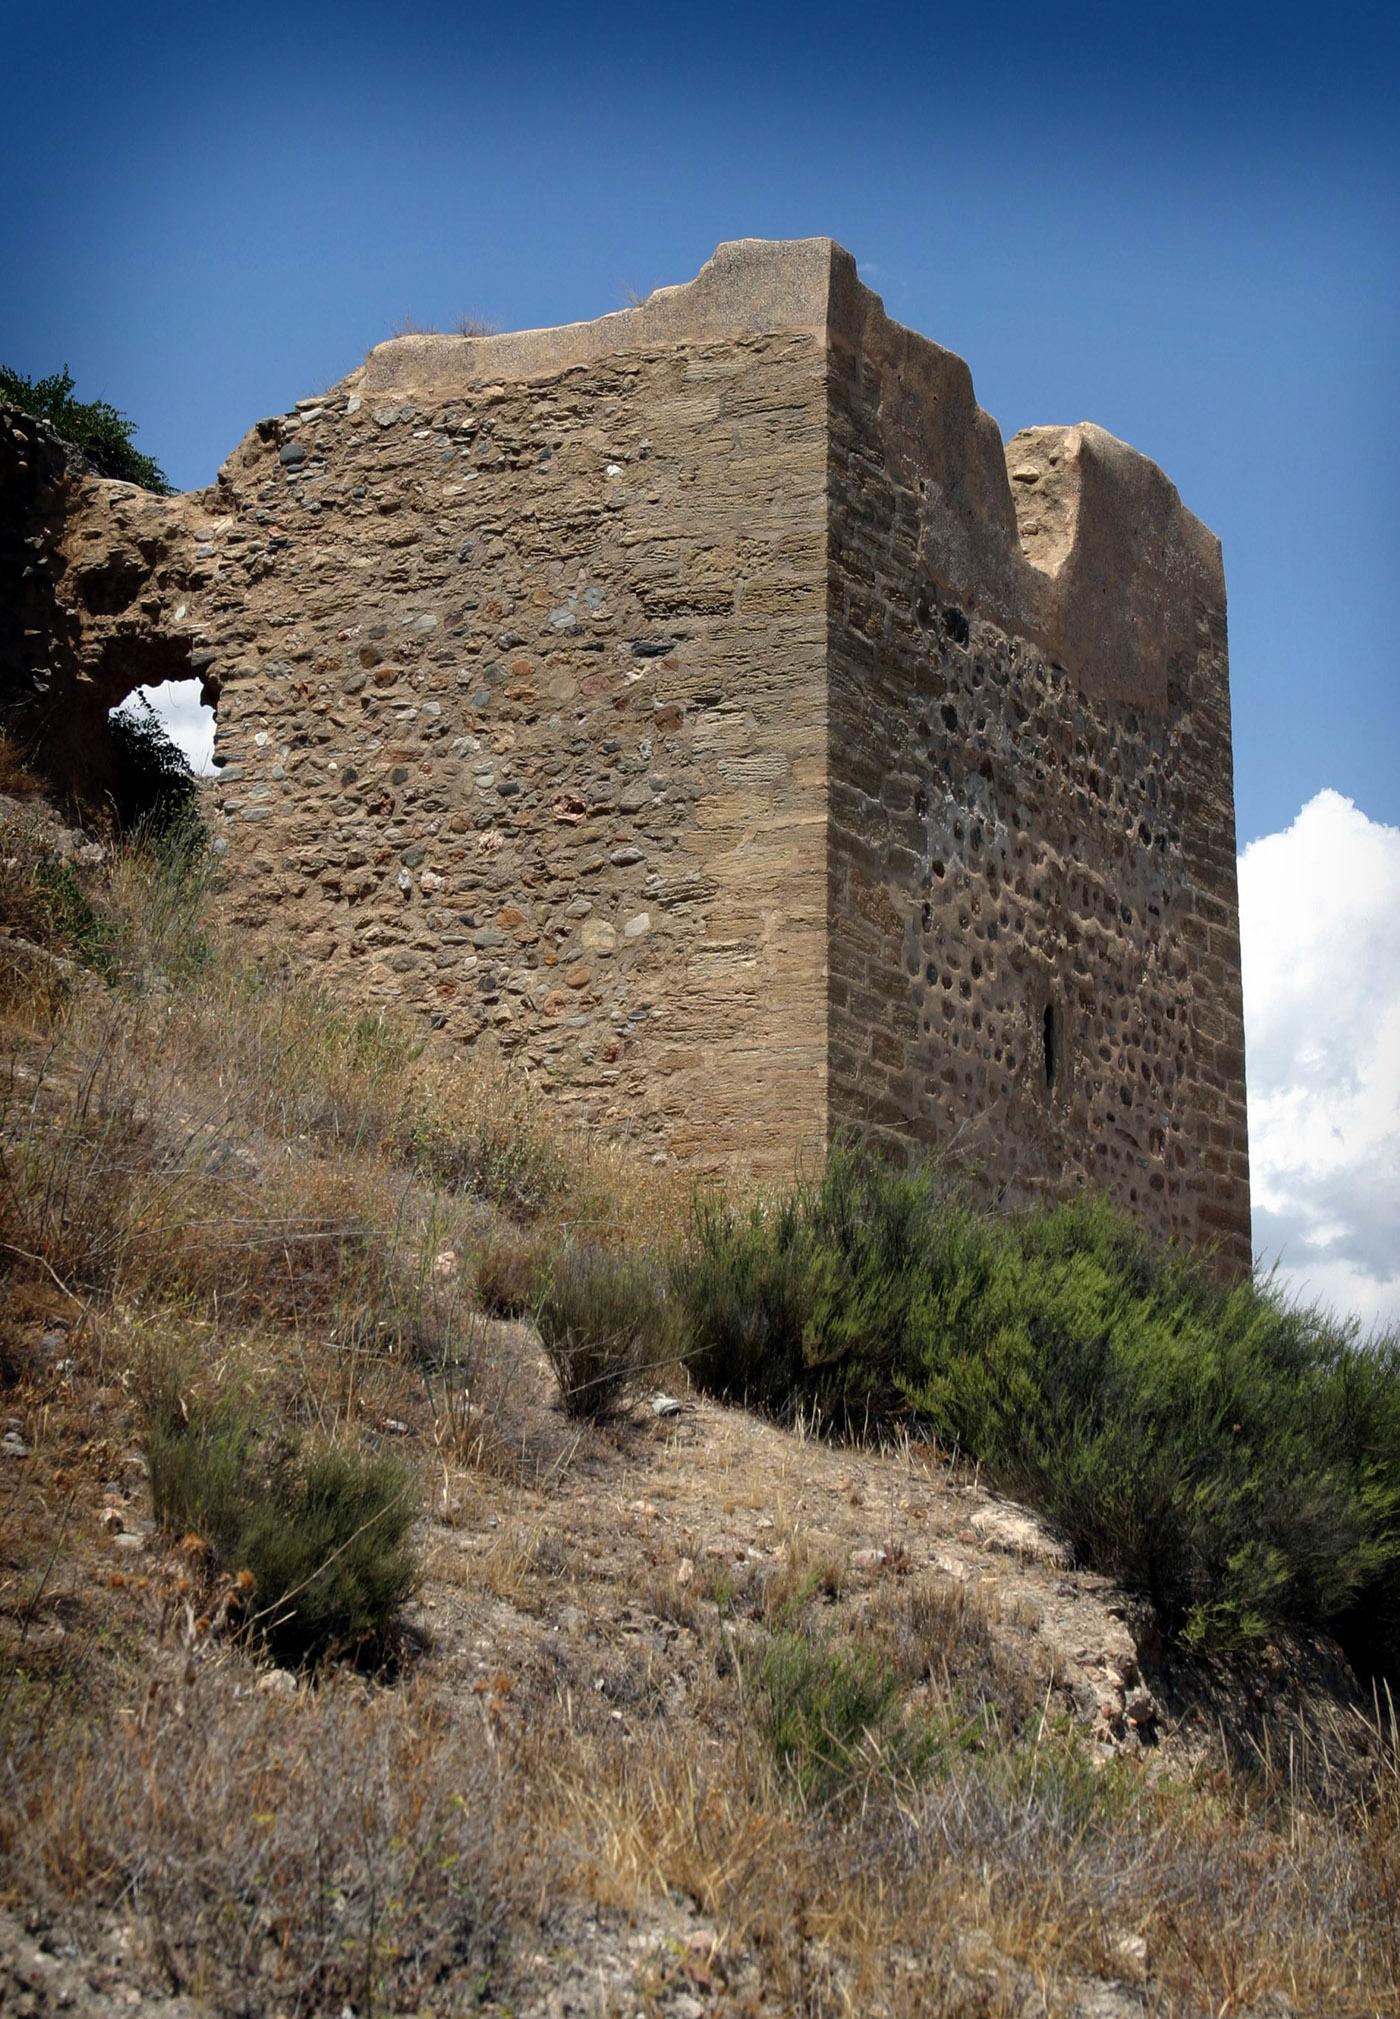 Vista general de la Alcazaba. © Fotografía: Rafael Pozo